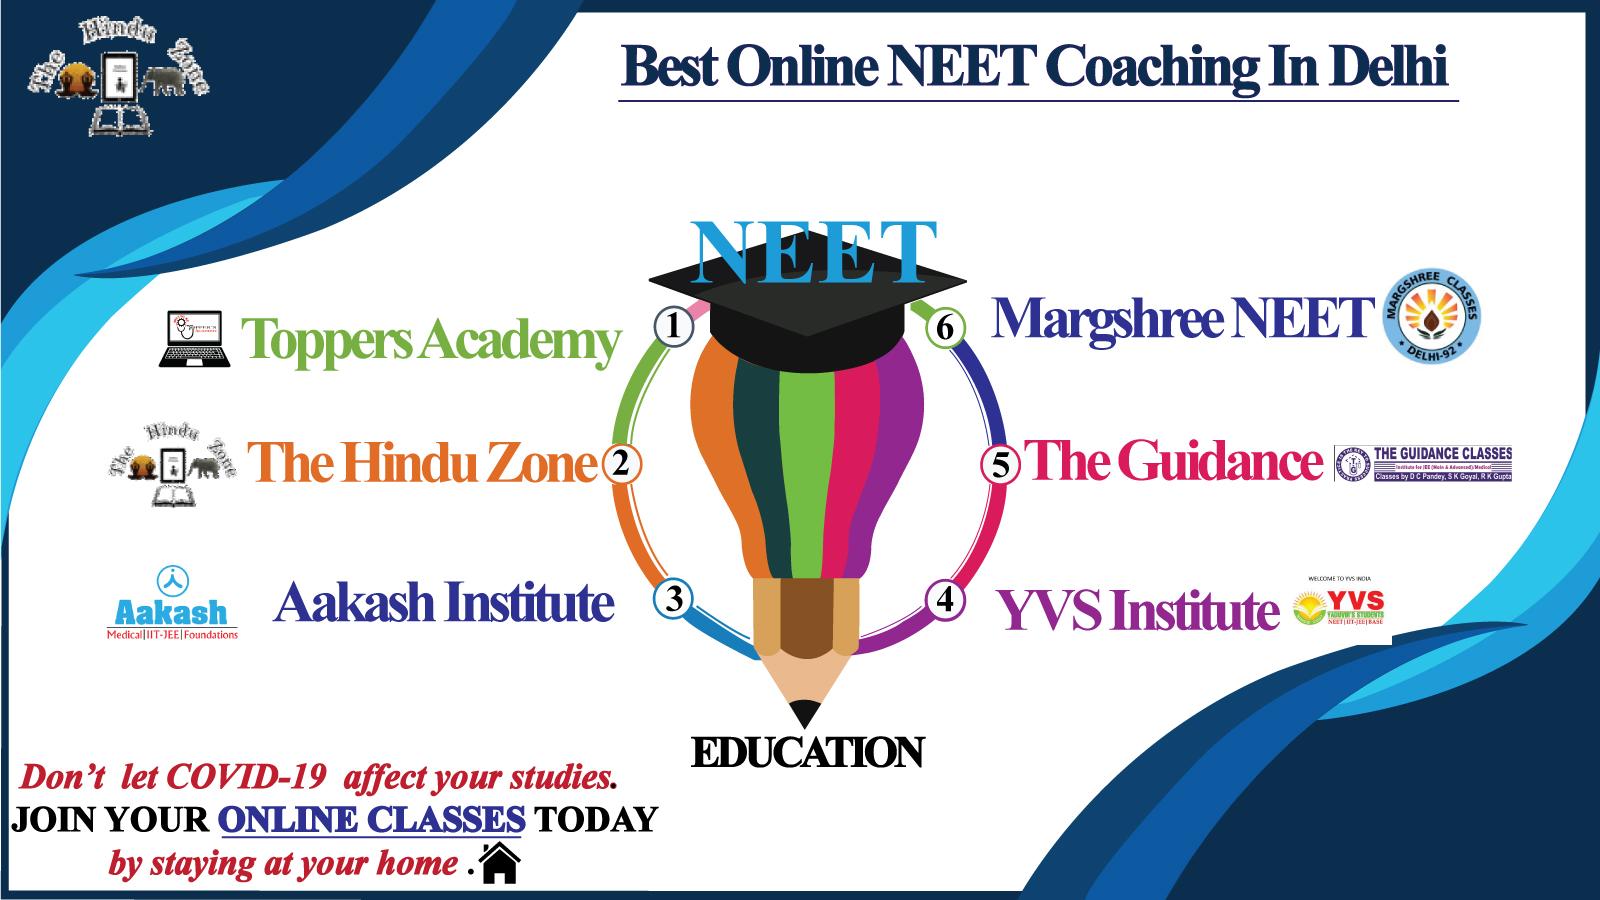 Best Online NEET Coaching In Delhi